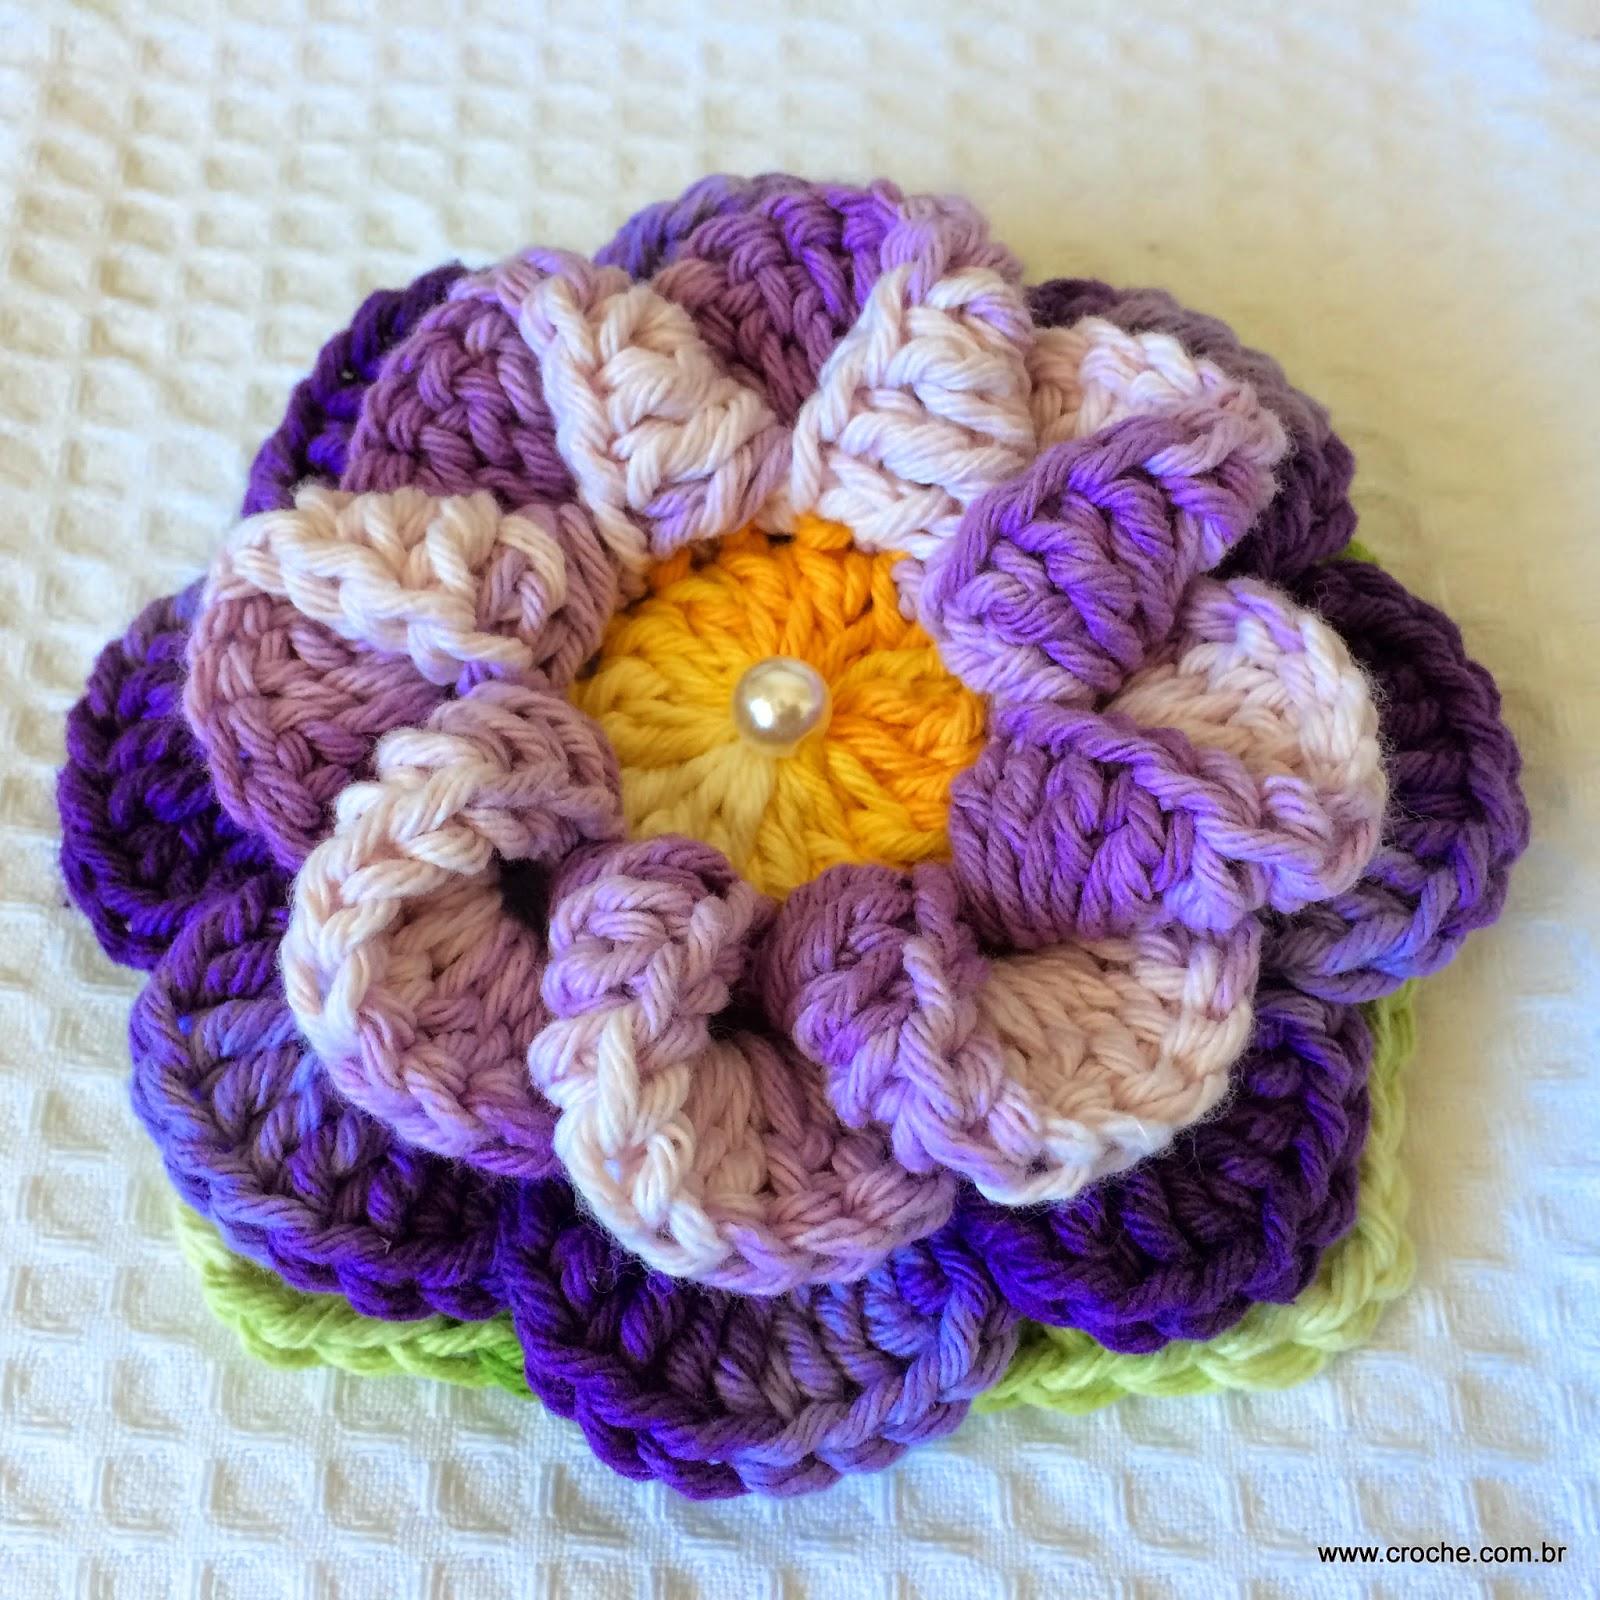 Flor caracol passo a passo for Como criar caracoles de jardin